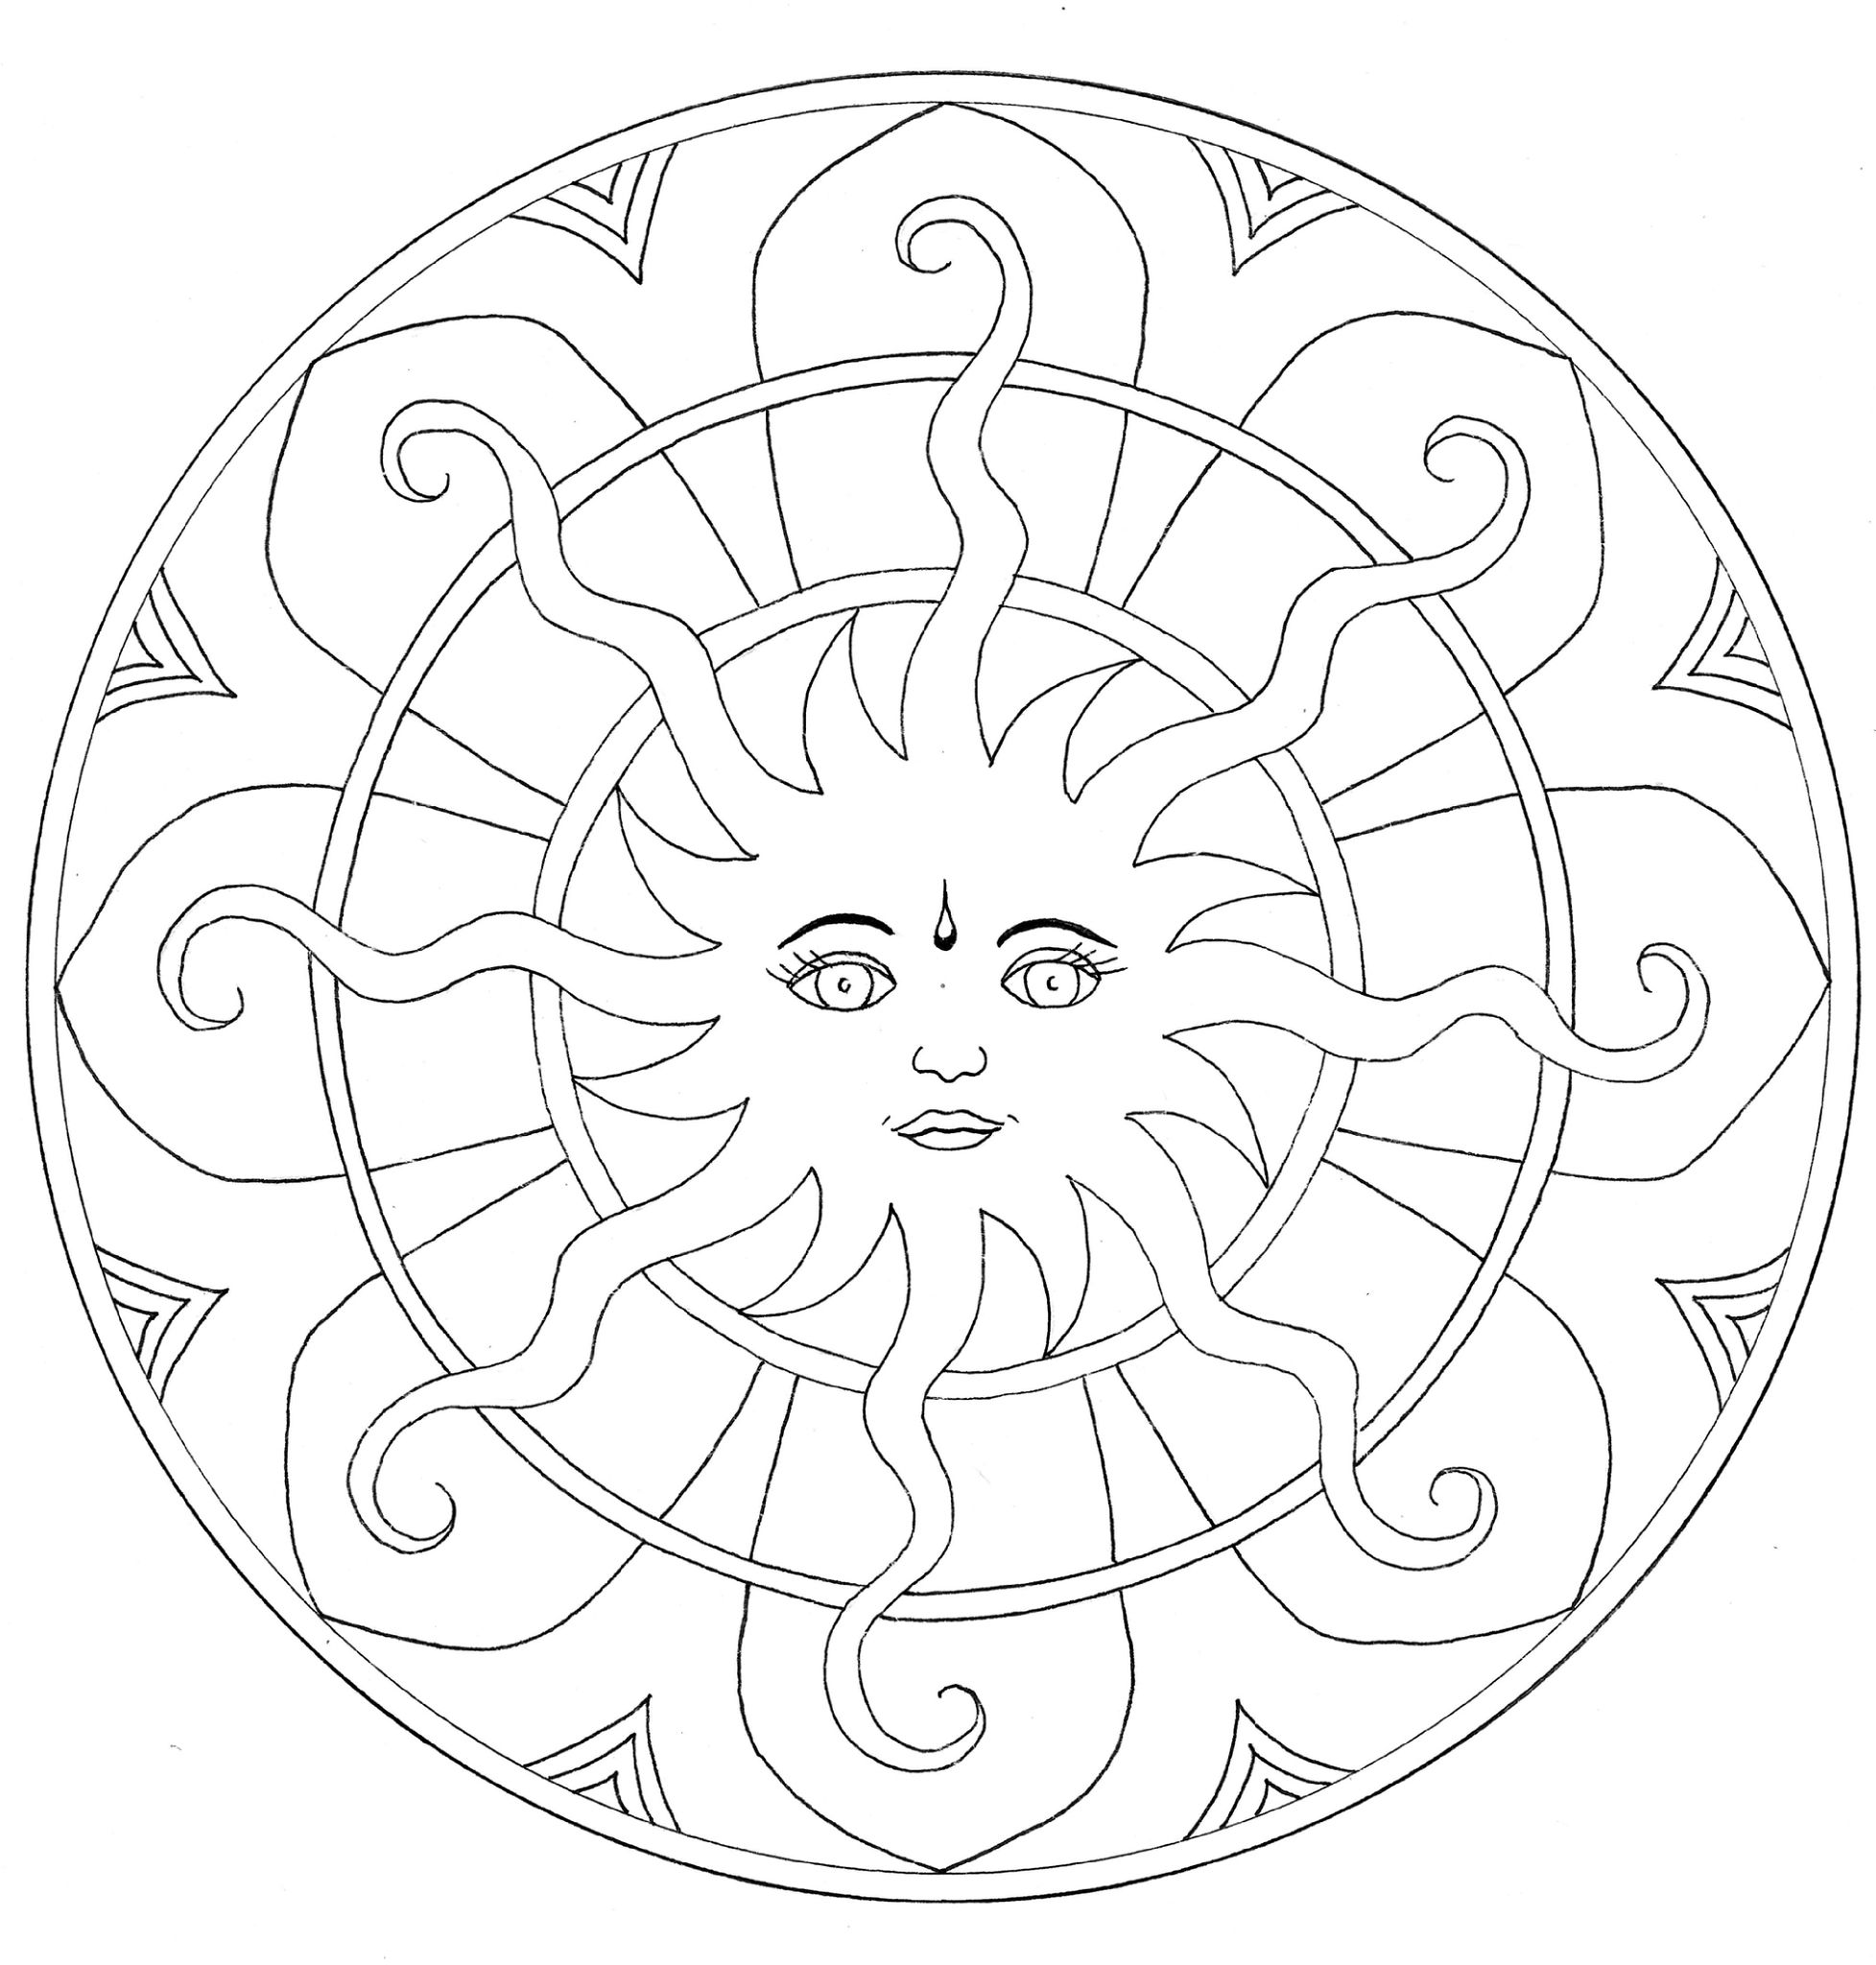 Coloriage Adulte Soleil.Coloriage Mandala Soleil A Imprimer